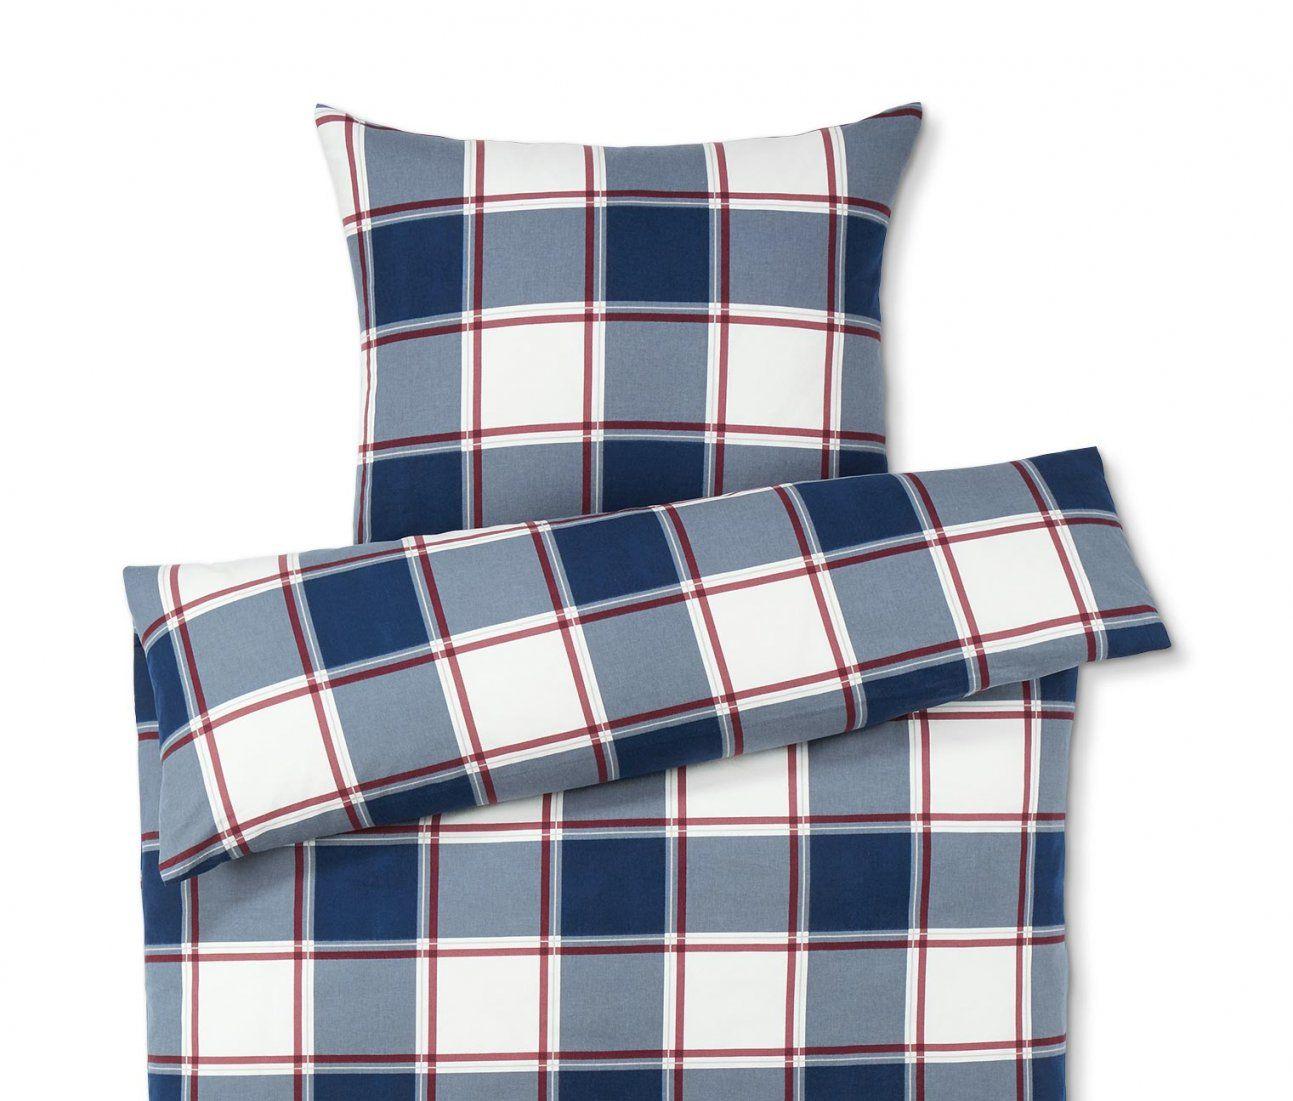 spektakul re ideen tchibo bettw sche biber und sch ne von tchibo bettw sche biber photo haus. Black Bedroom Furniture Sets. Home Design Ideas